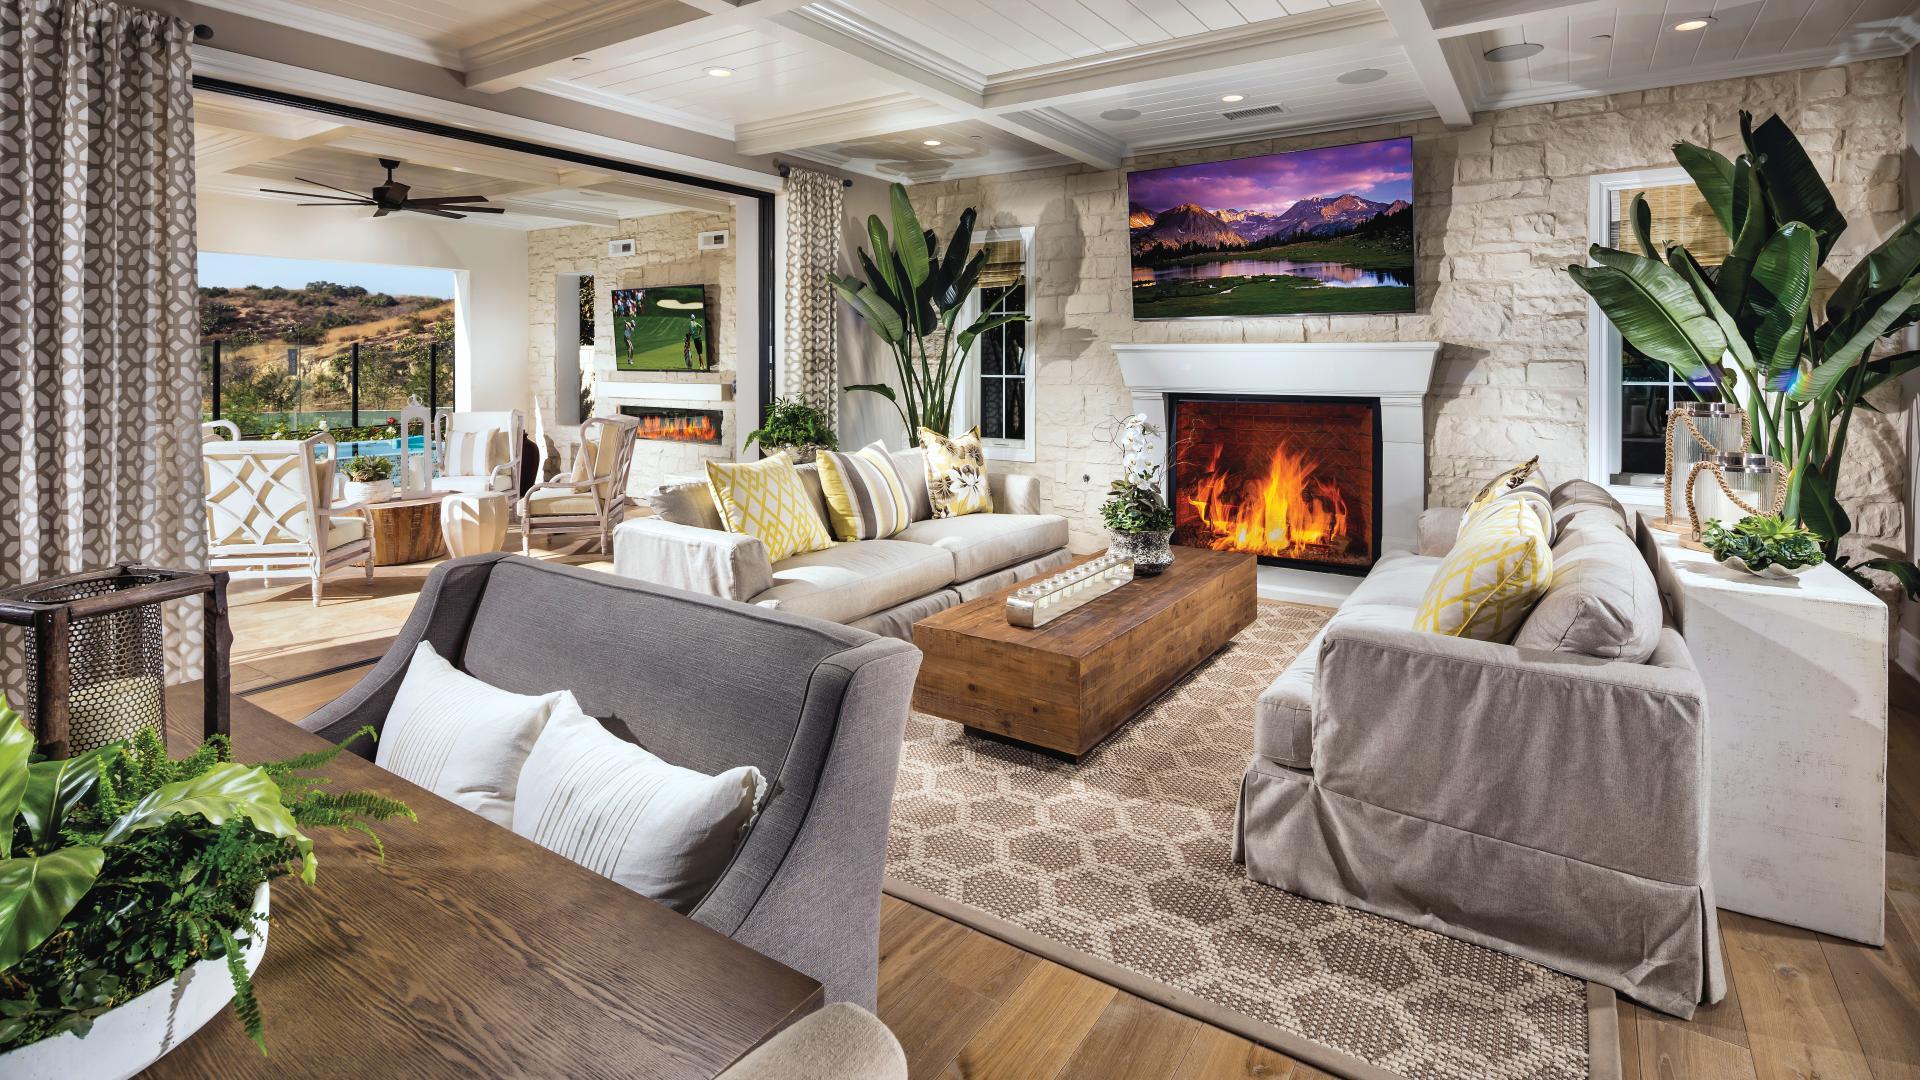 Open floor plans with indoor/outdoor living